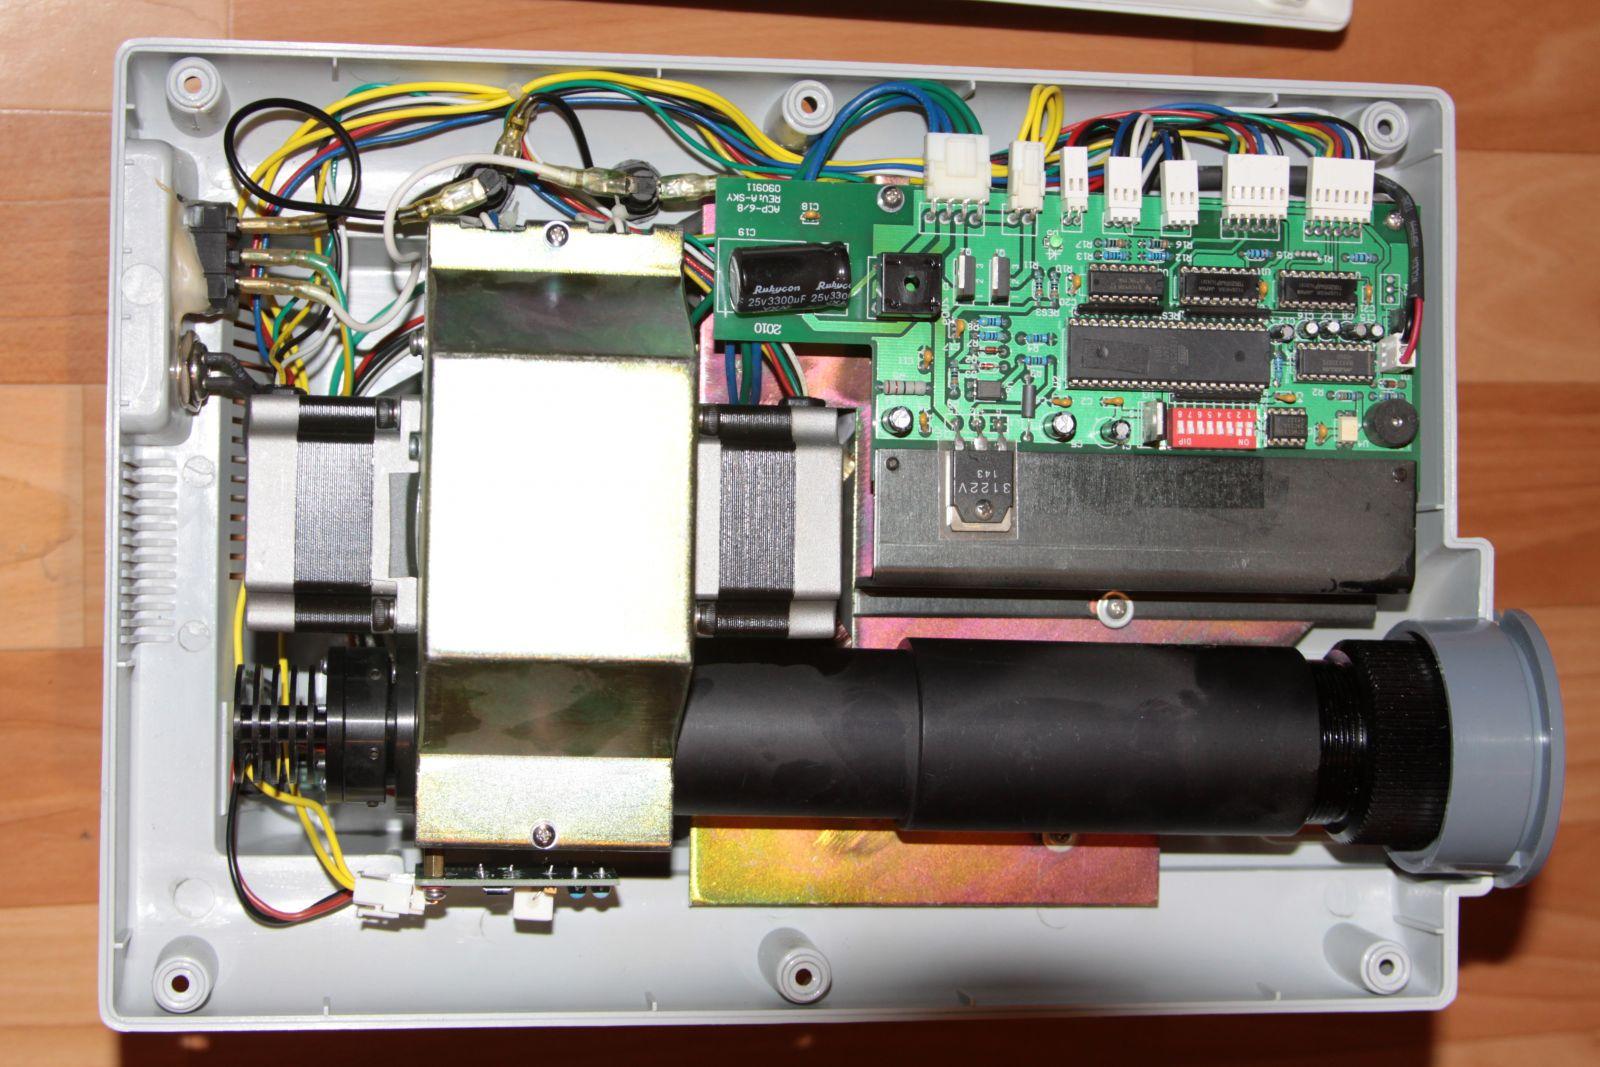 Проектор выдает изображение с точками и полосами / Ремонт проекторов в СПб